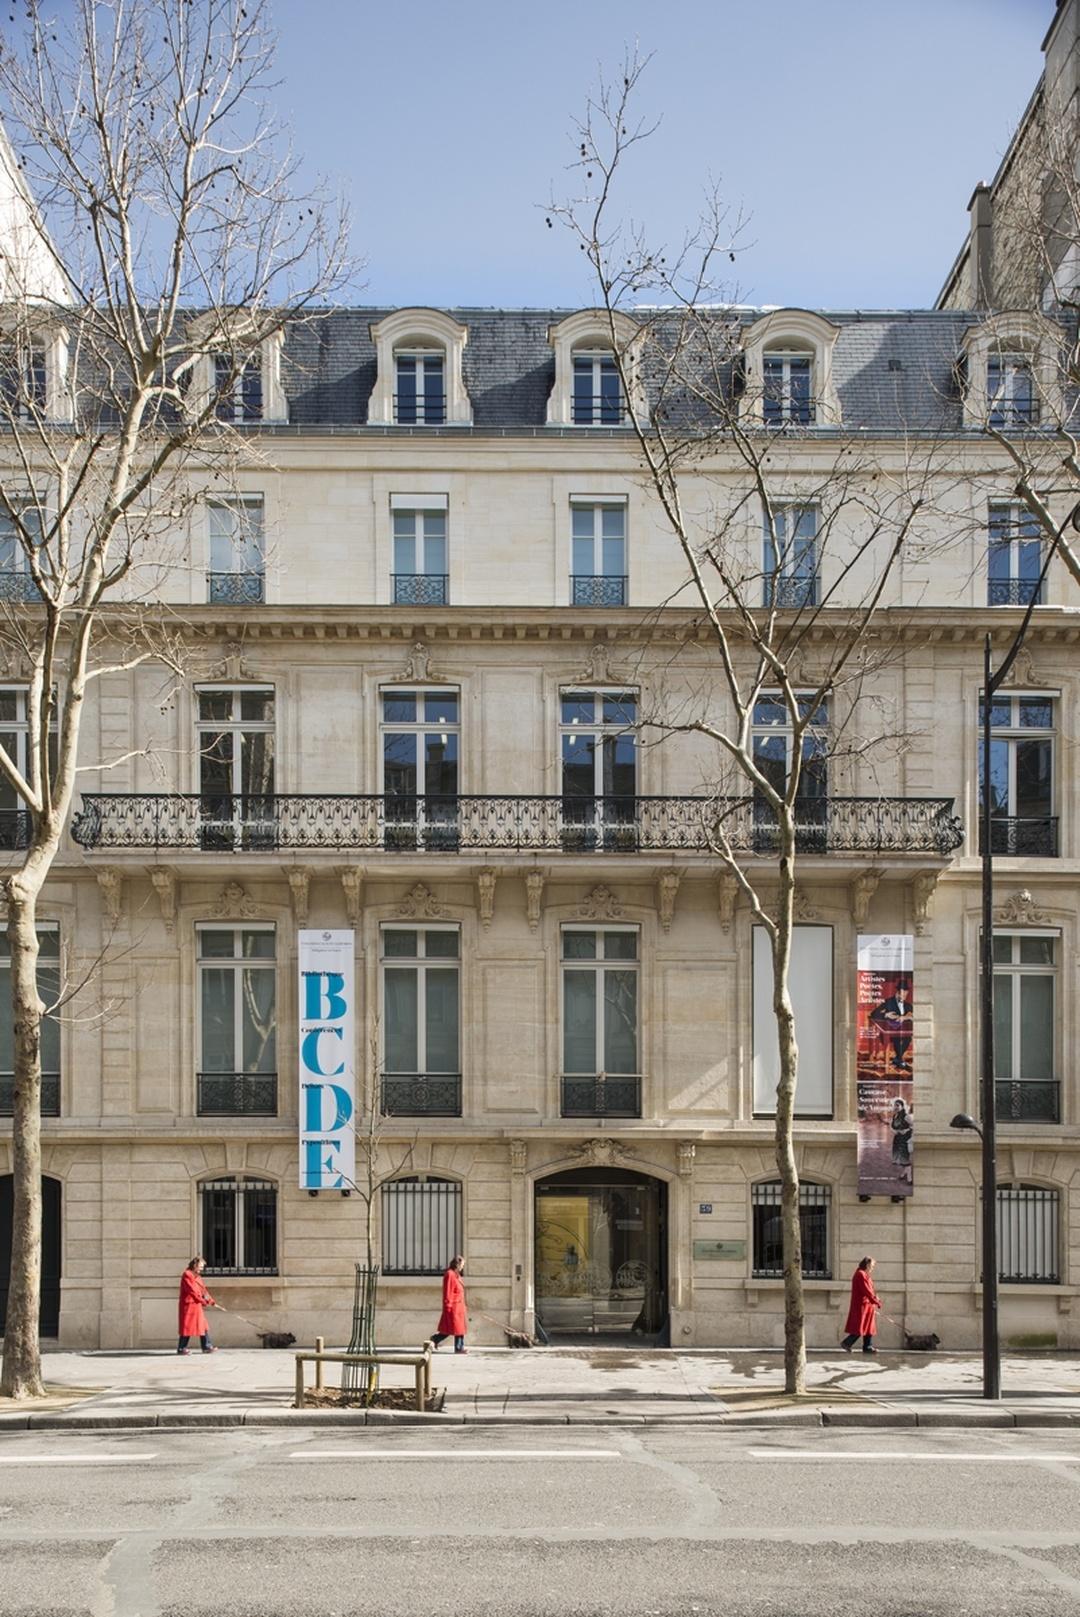 Foto vom 5. Februar 2016 18:56, Calouste Gulbenkian Foundation - Delegation in France, 39 Boulevard de la Tour-Maubourg, 75007 Paris, Frankreich